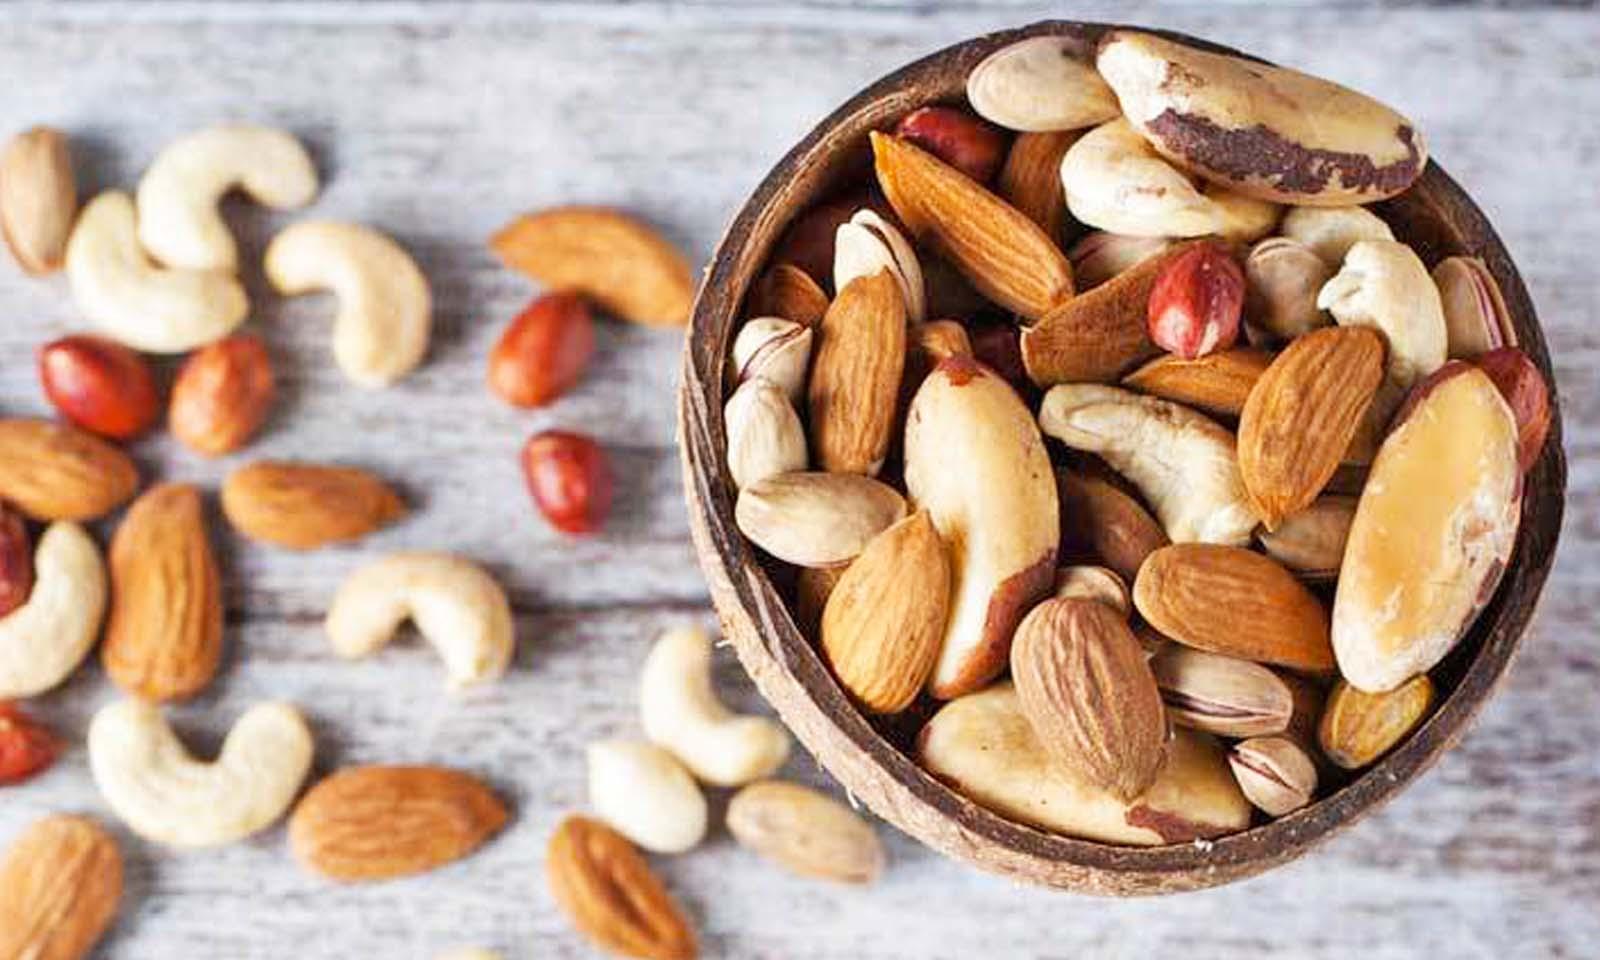 big_organic_basket_benefit_of_eating_nuts